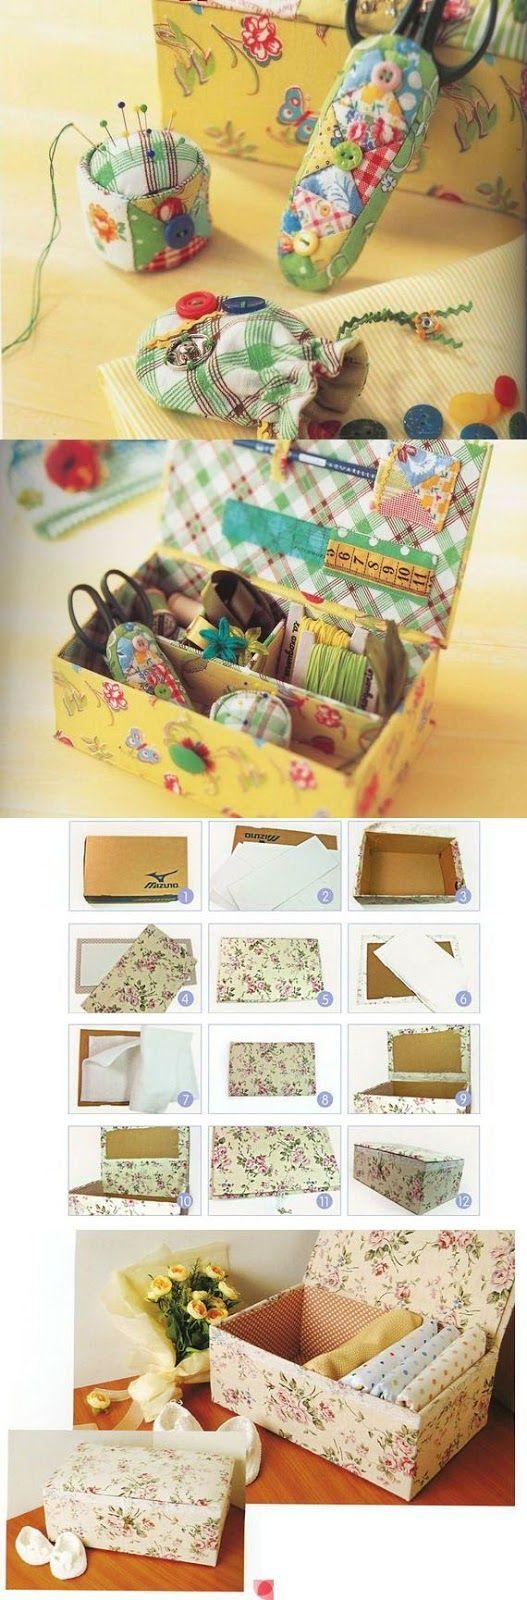 Rosely Pignataro: Reciclando caixas de sapatos